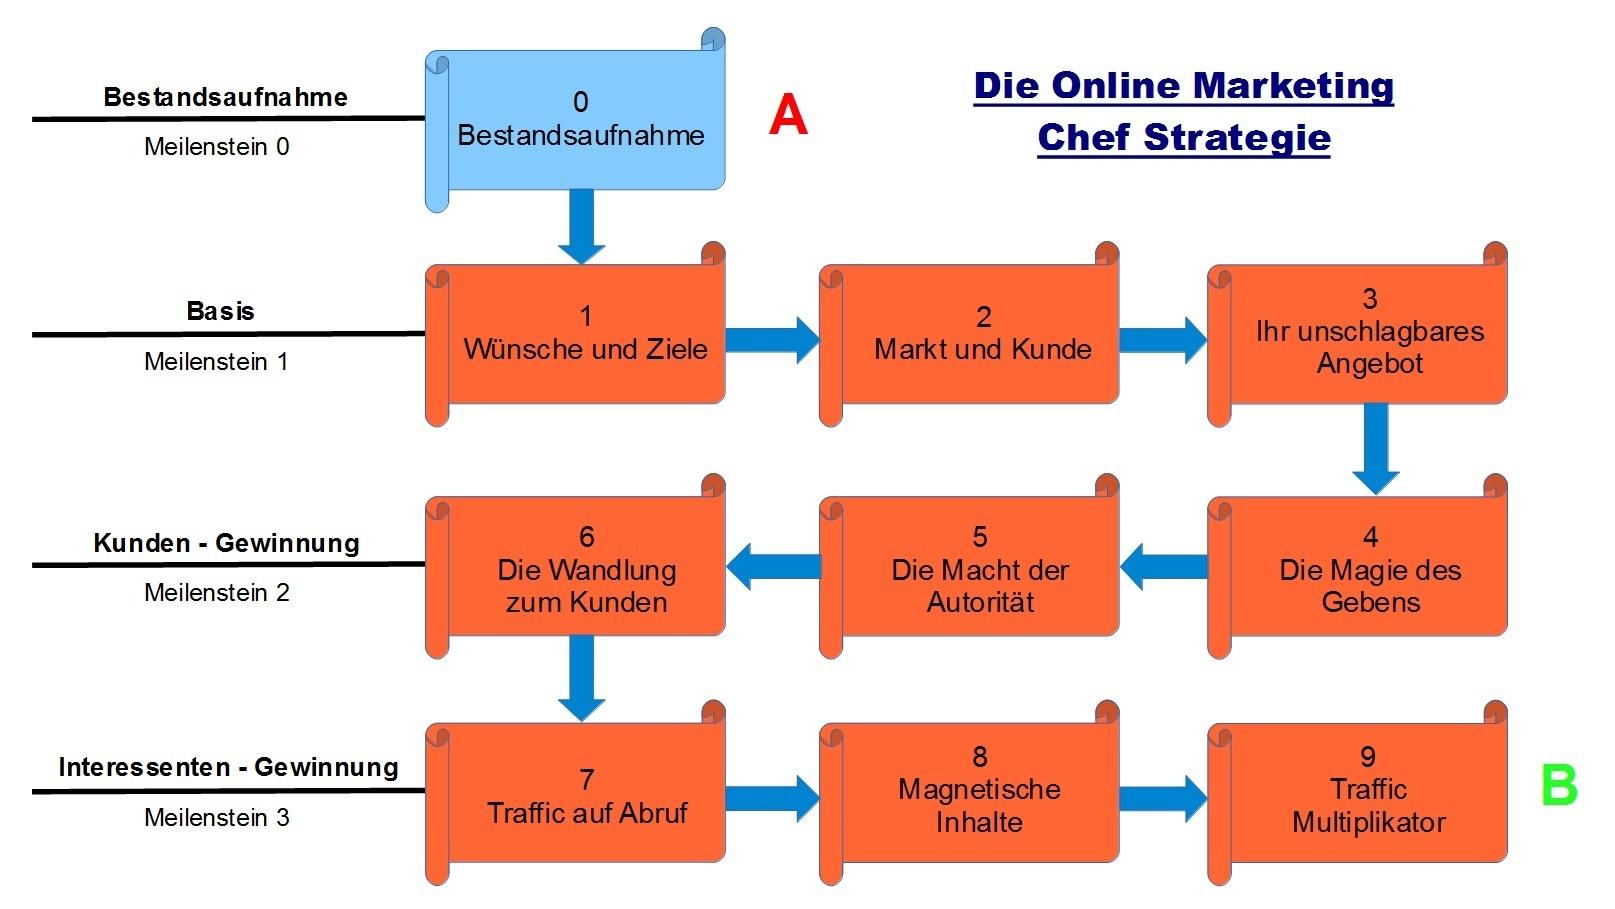 Die Online Marketing Chef Strategie